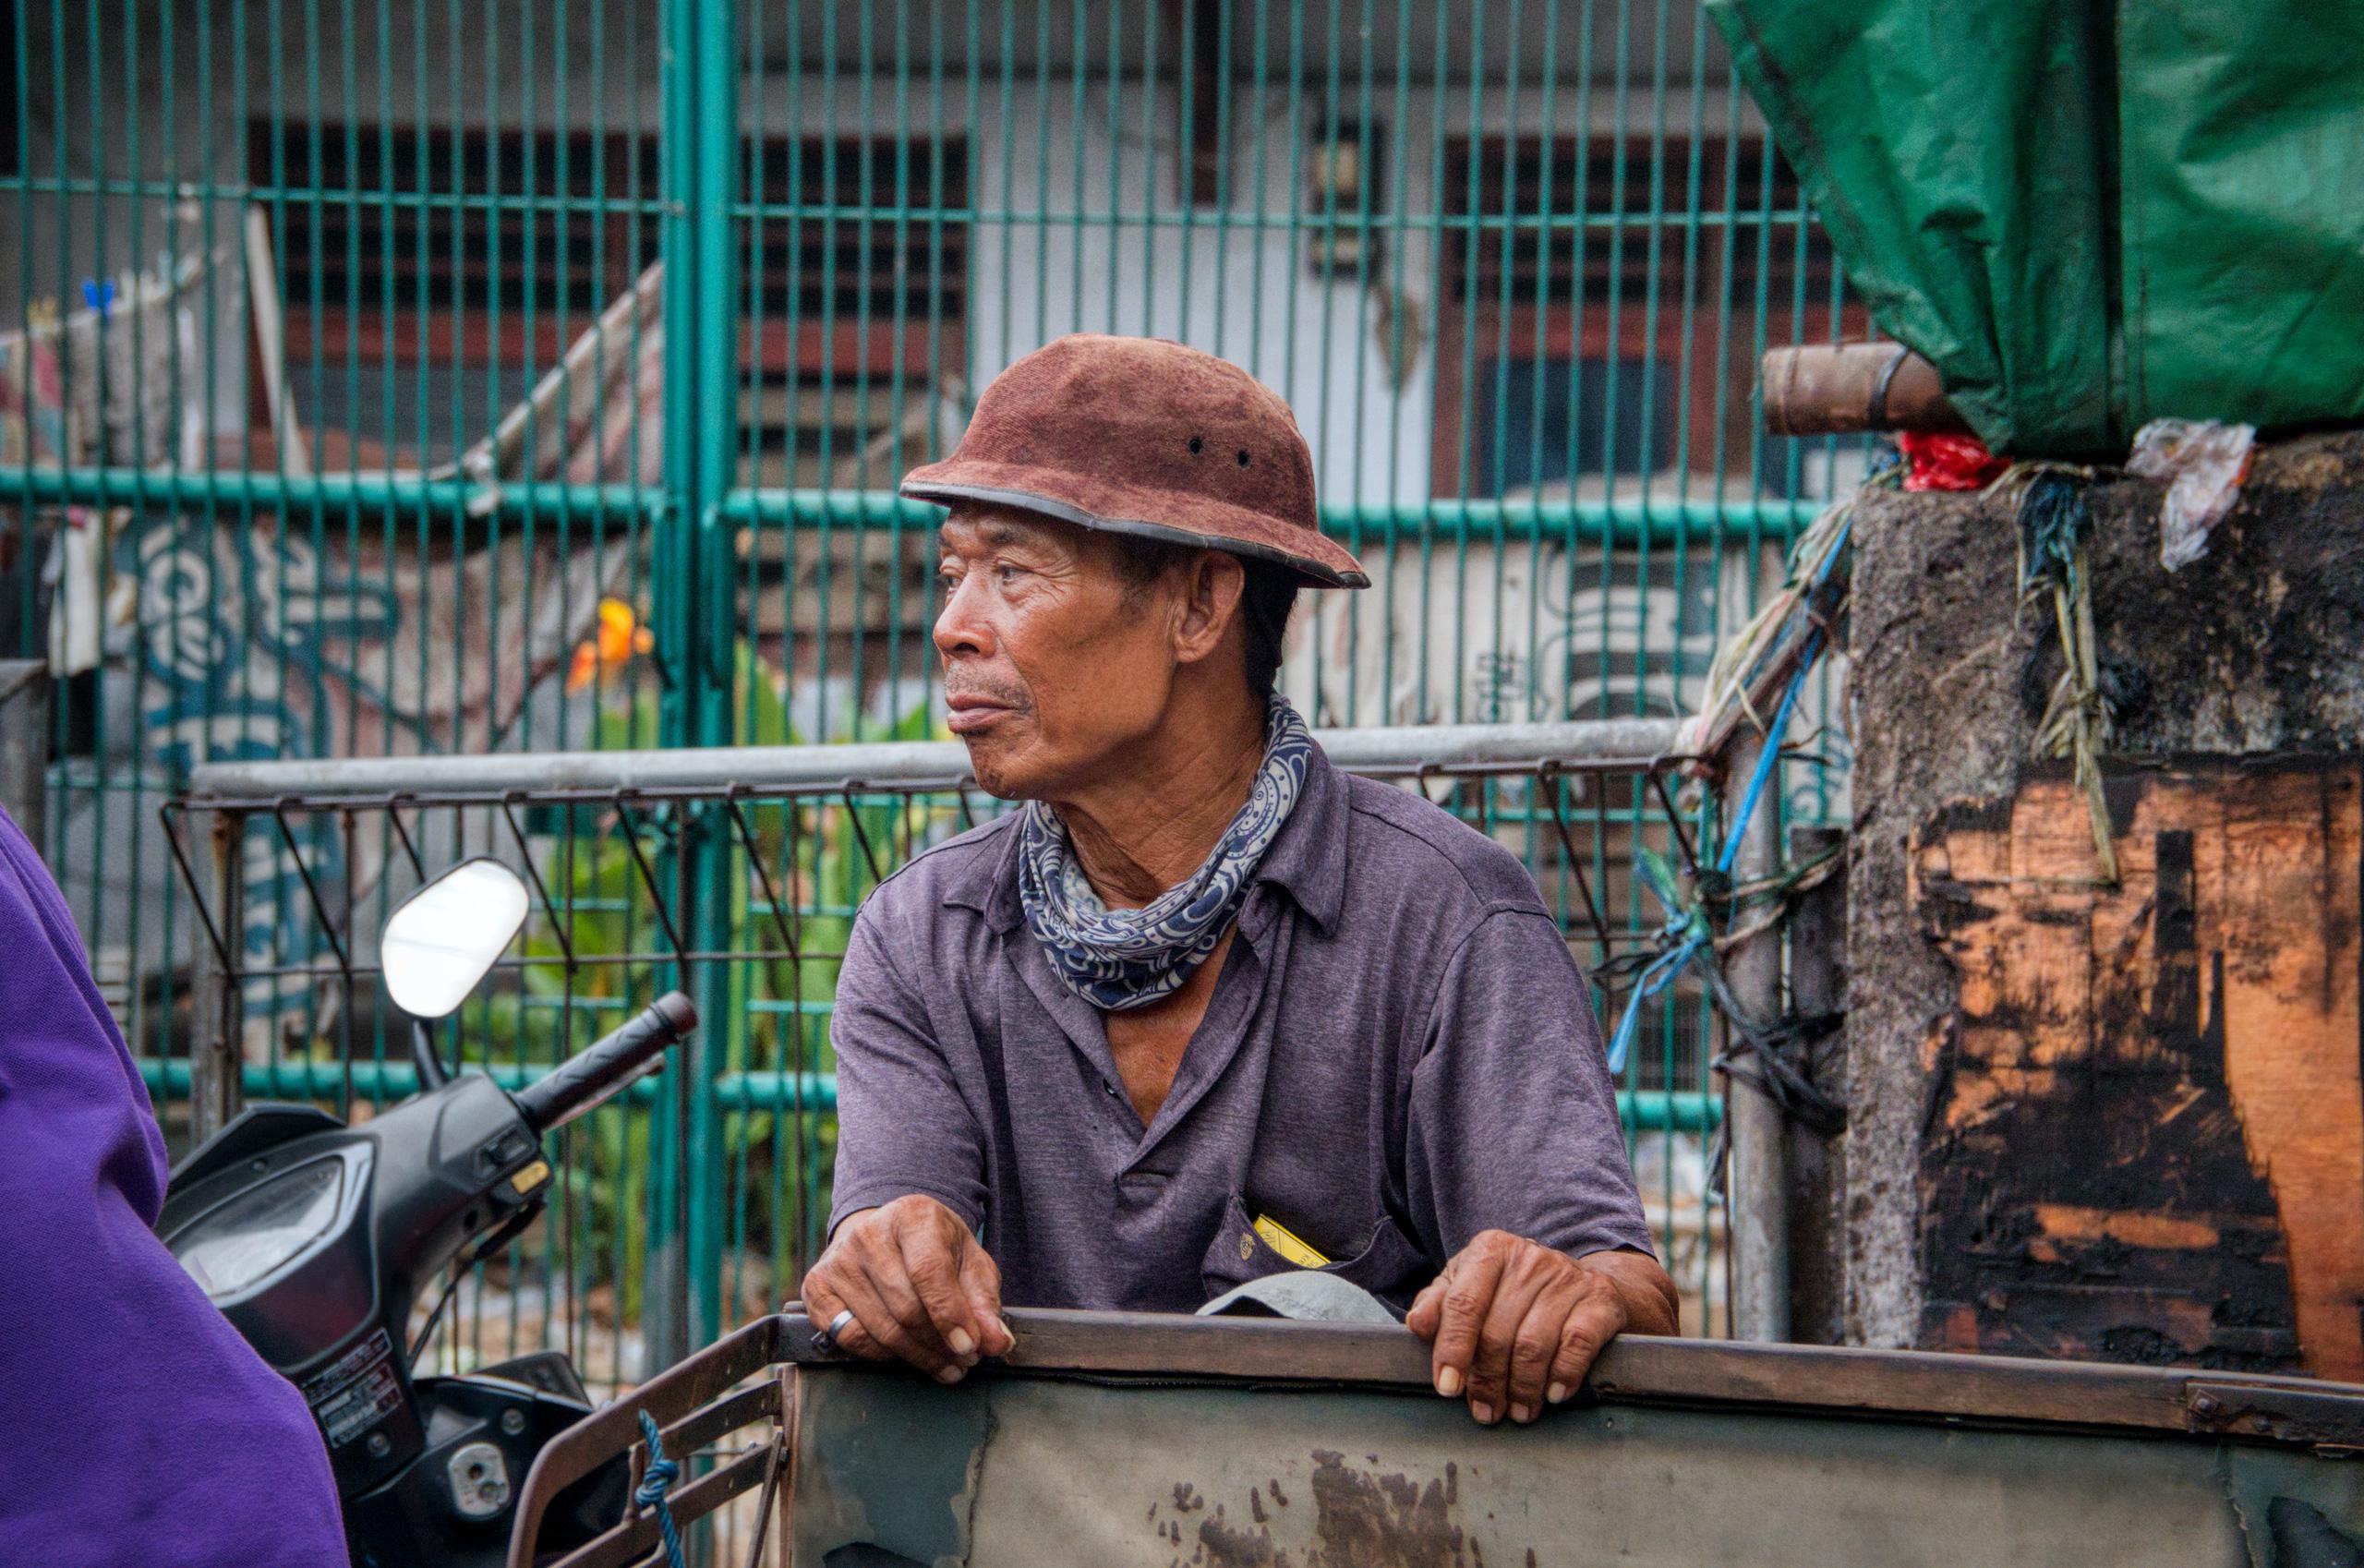 Quy luật của người nghèo: Người càng nghèo càng thích làm 3 loại nghề và họ sẽ chỉ càng nghèo hơn, đọc mà thấm thía từng câu từng chữ - Ảnh 3.